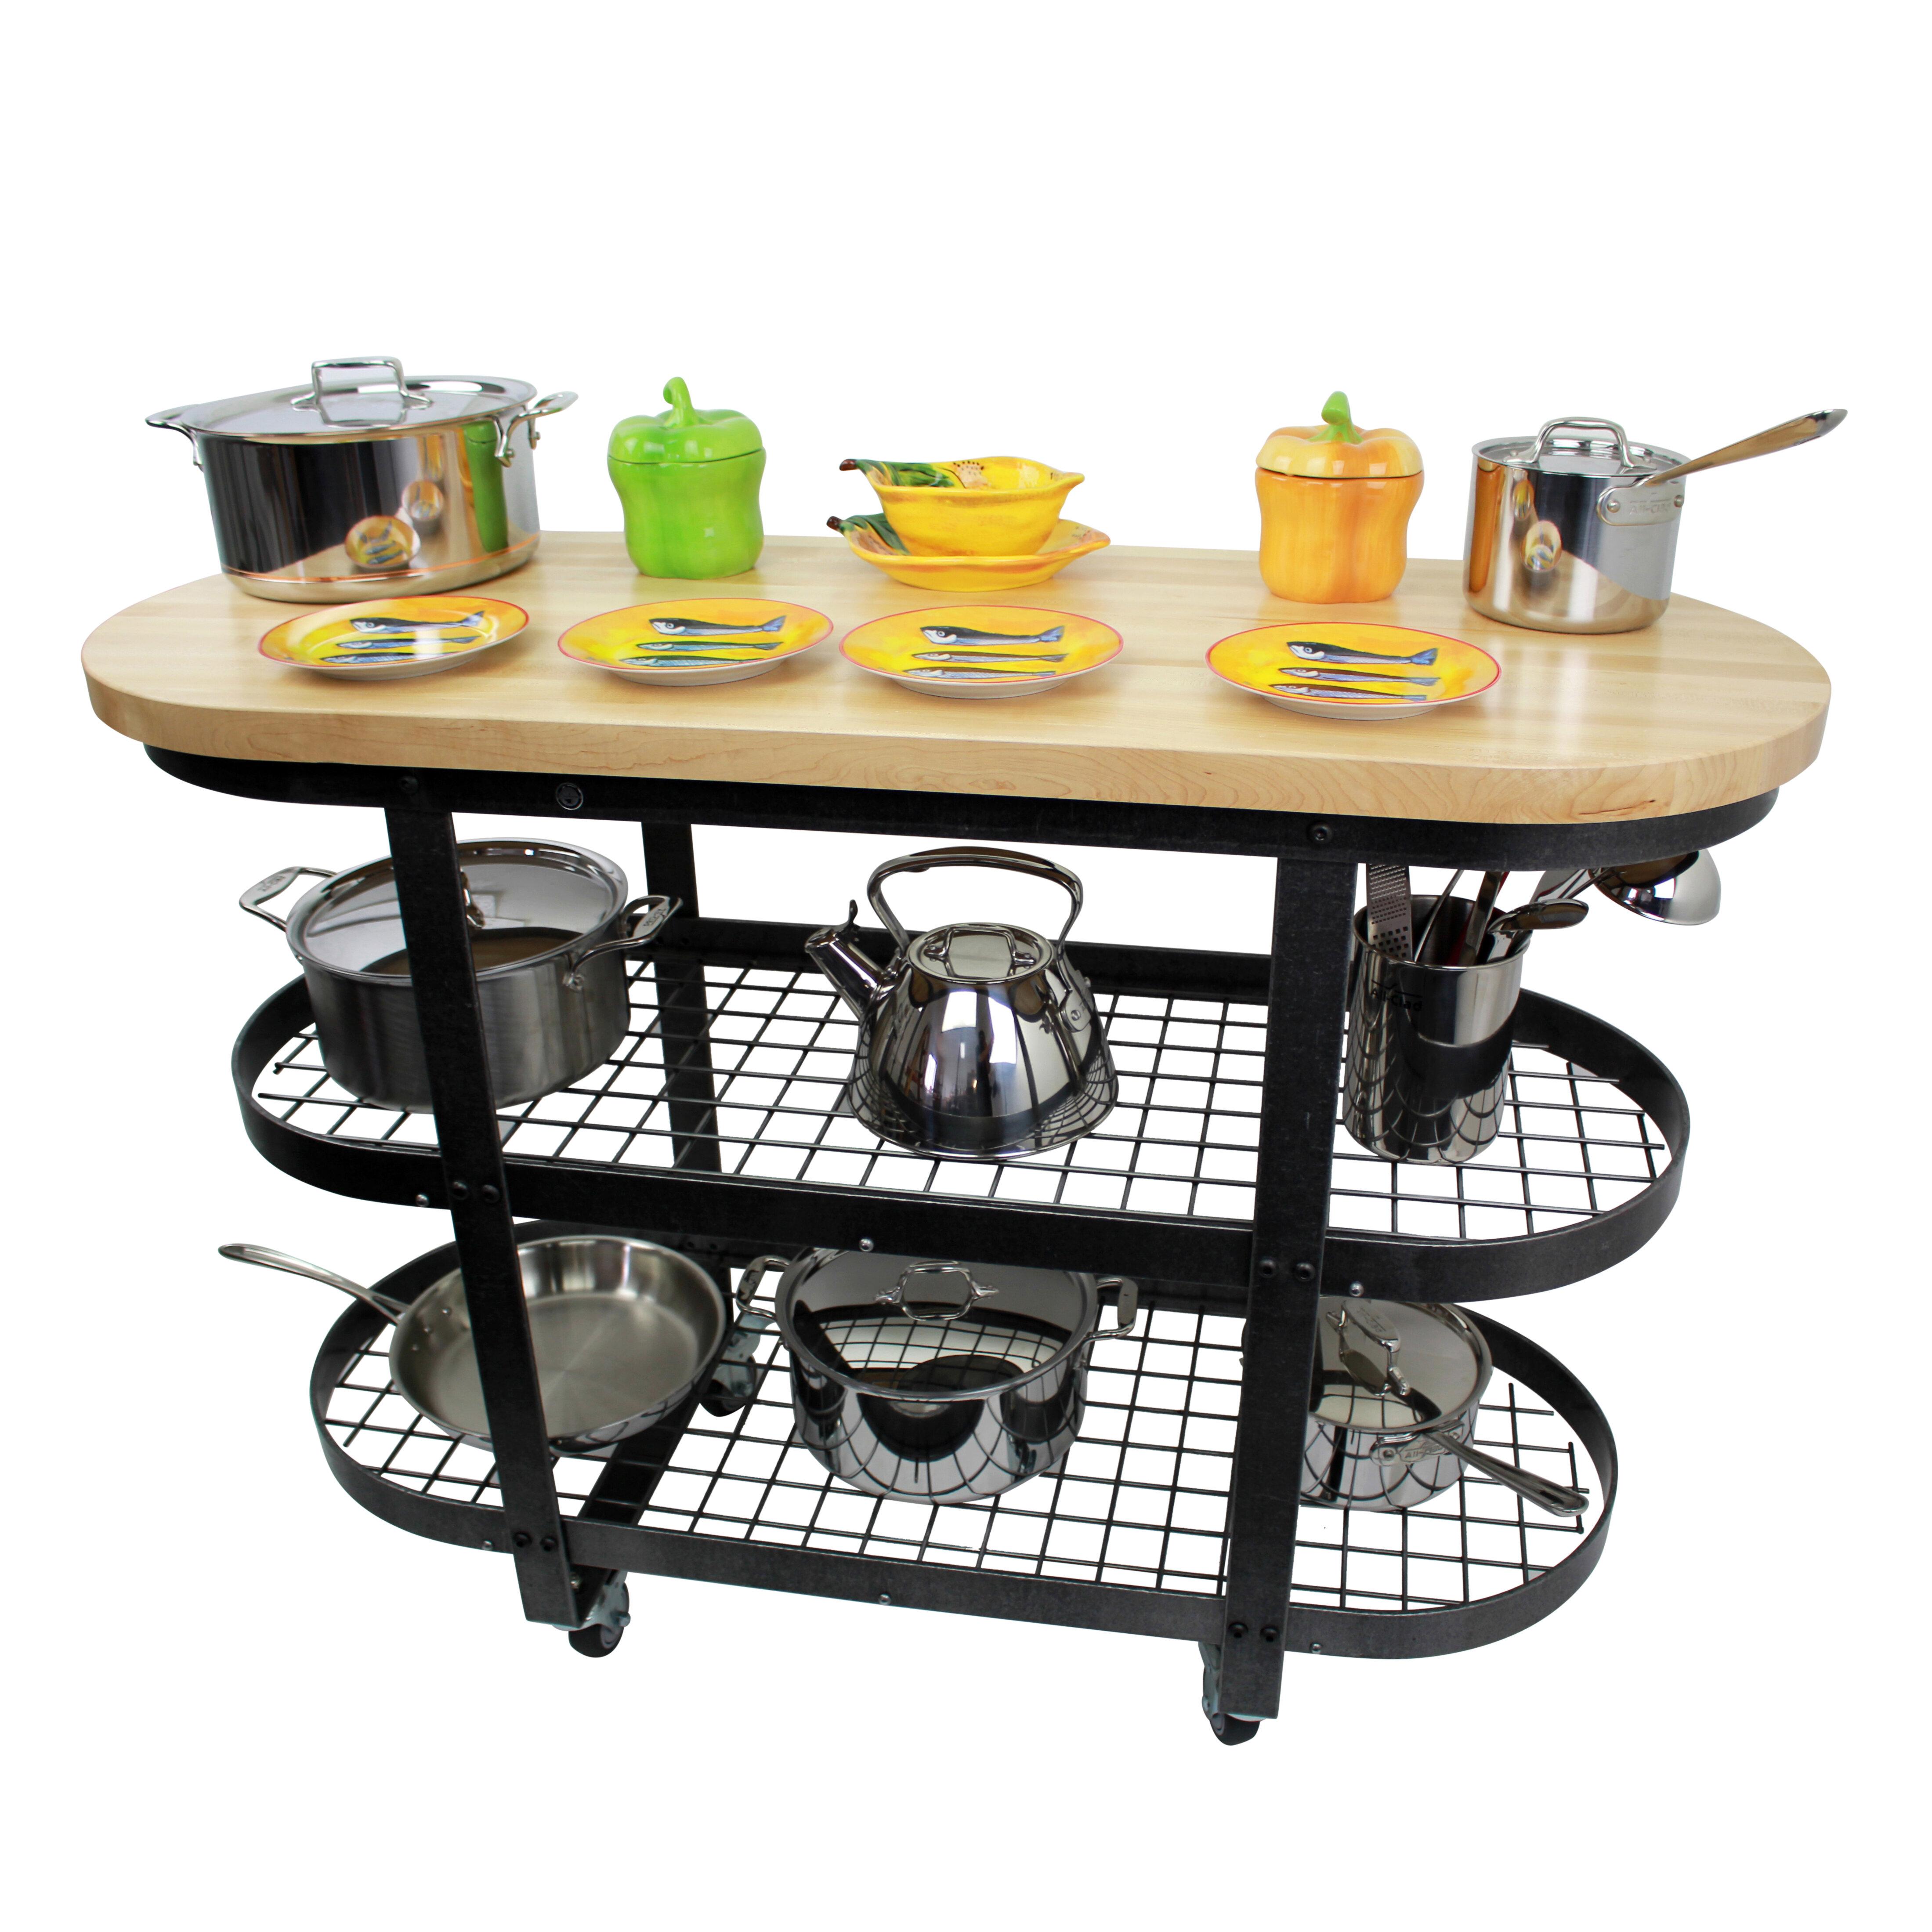 Enclume Premier Kitchen Cart with Butcher Block Top | Wayfair